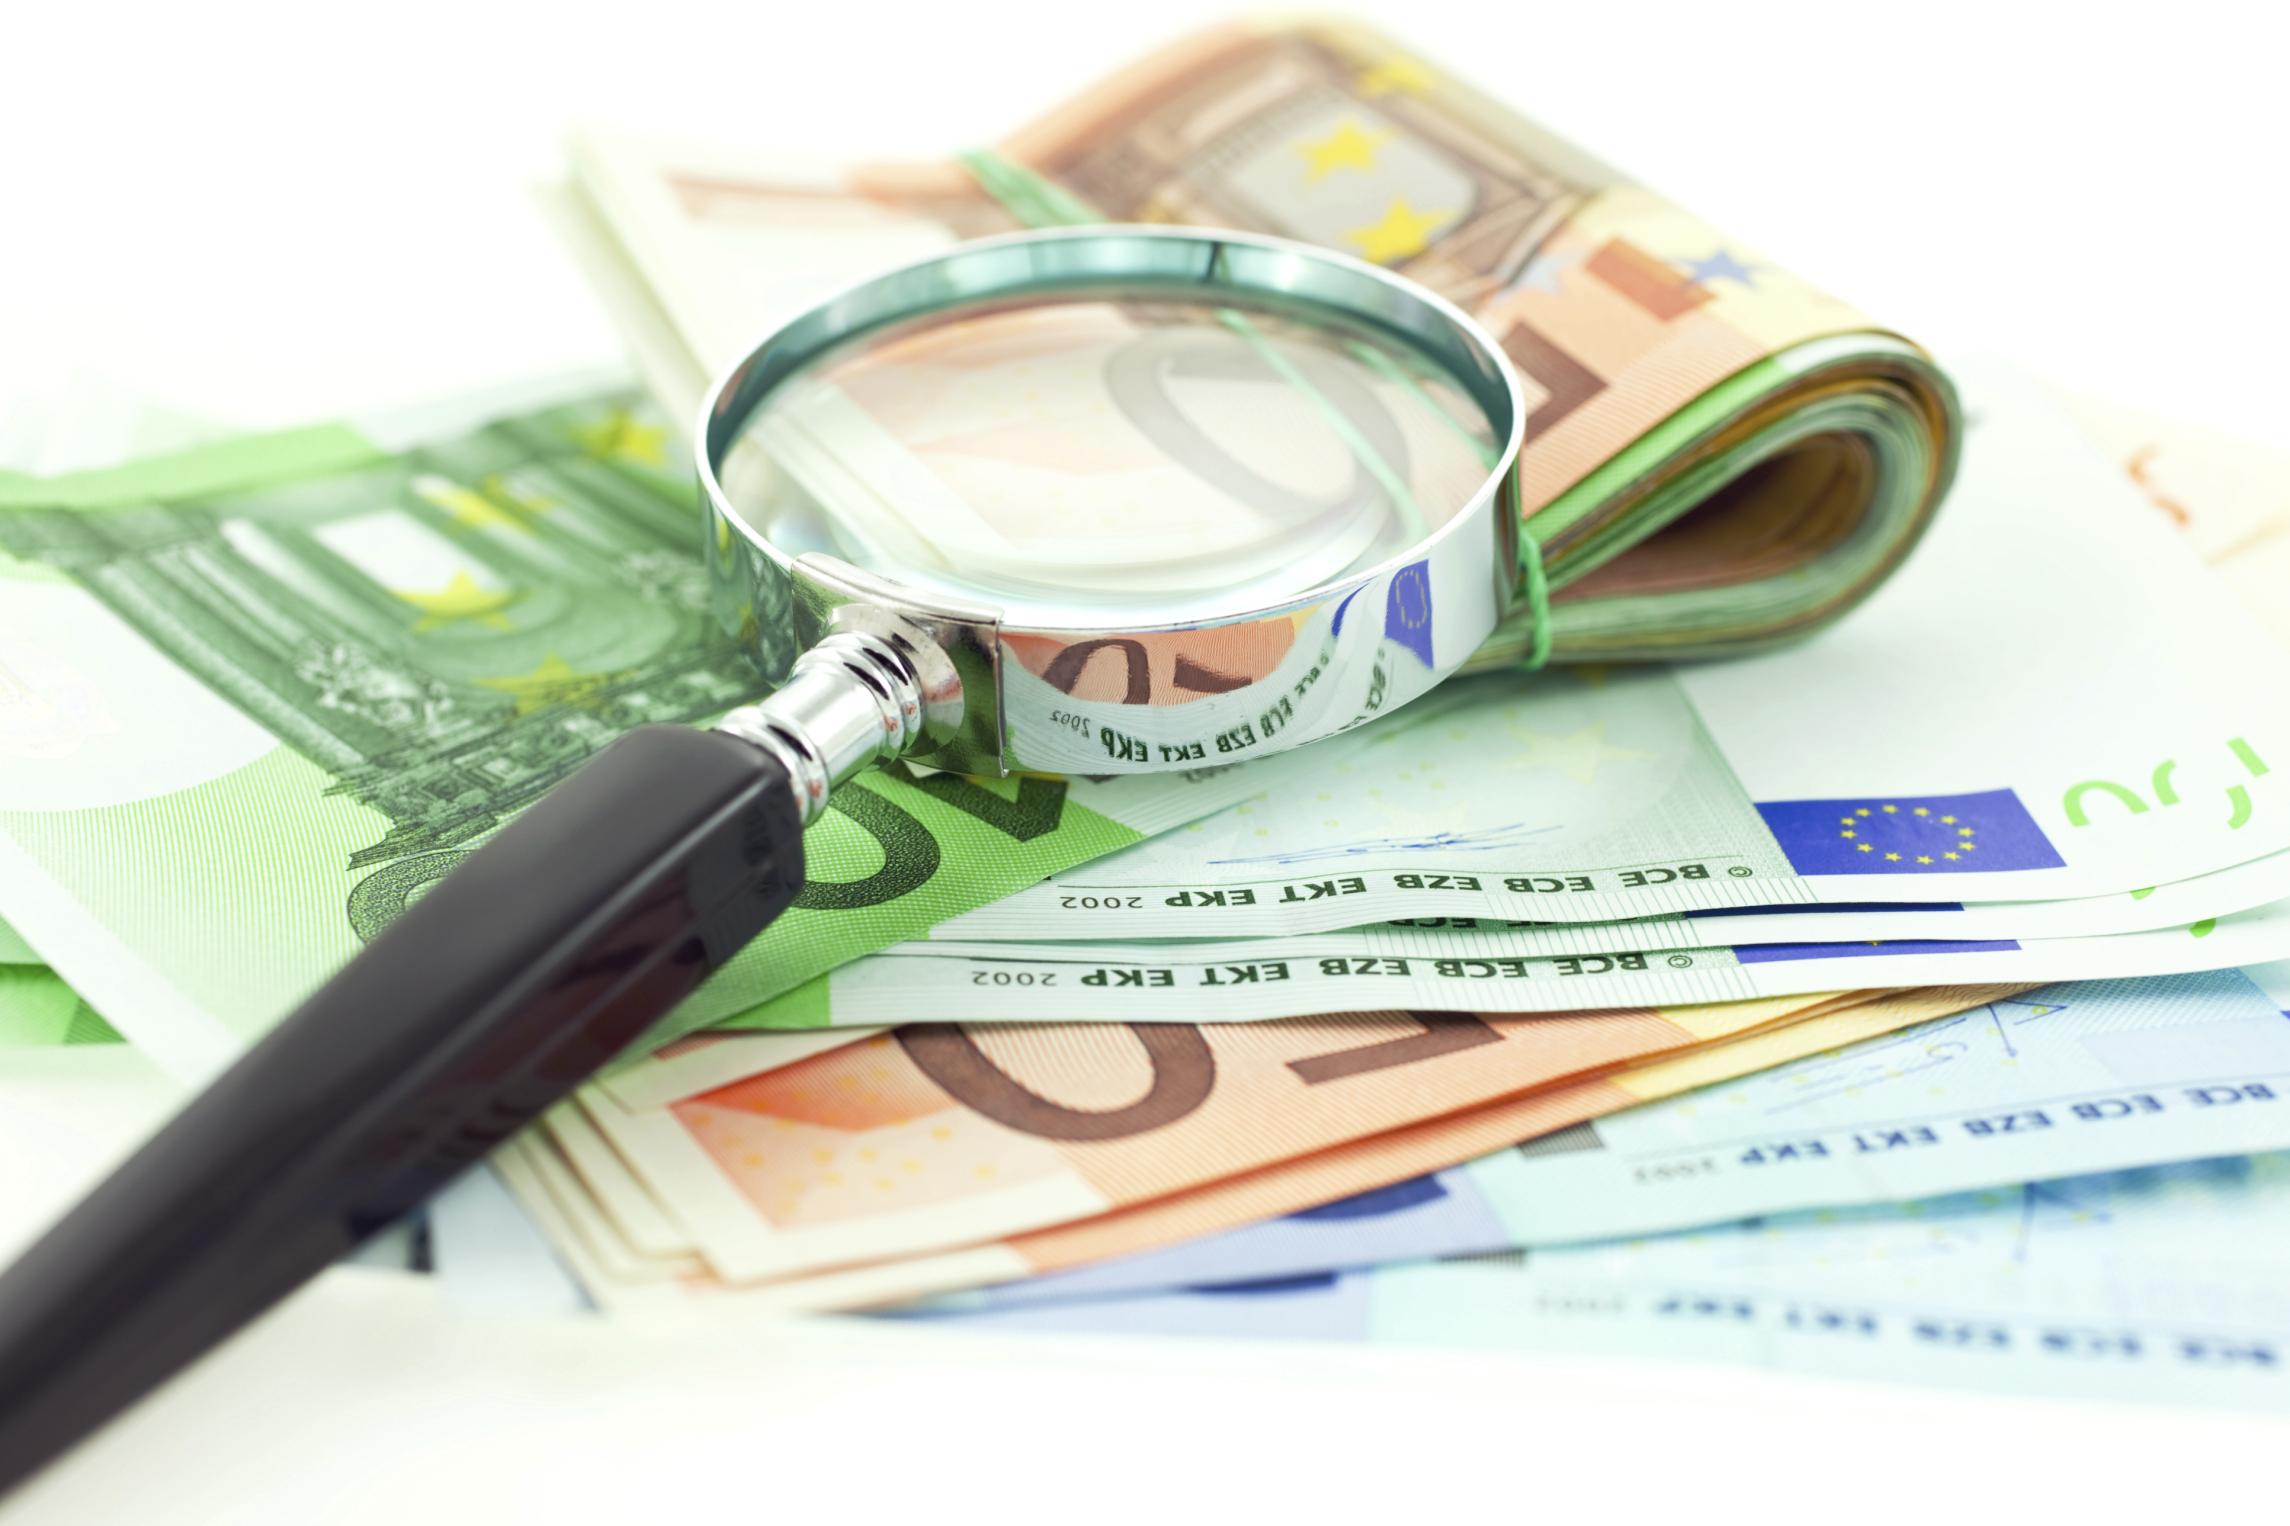 Ипотечное кредитование возобновится через 2-3 года